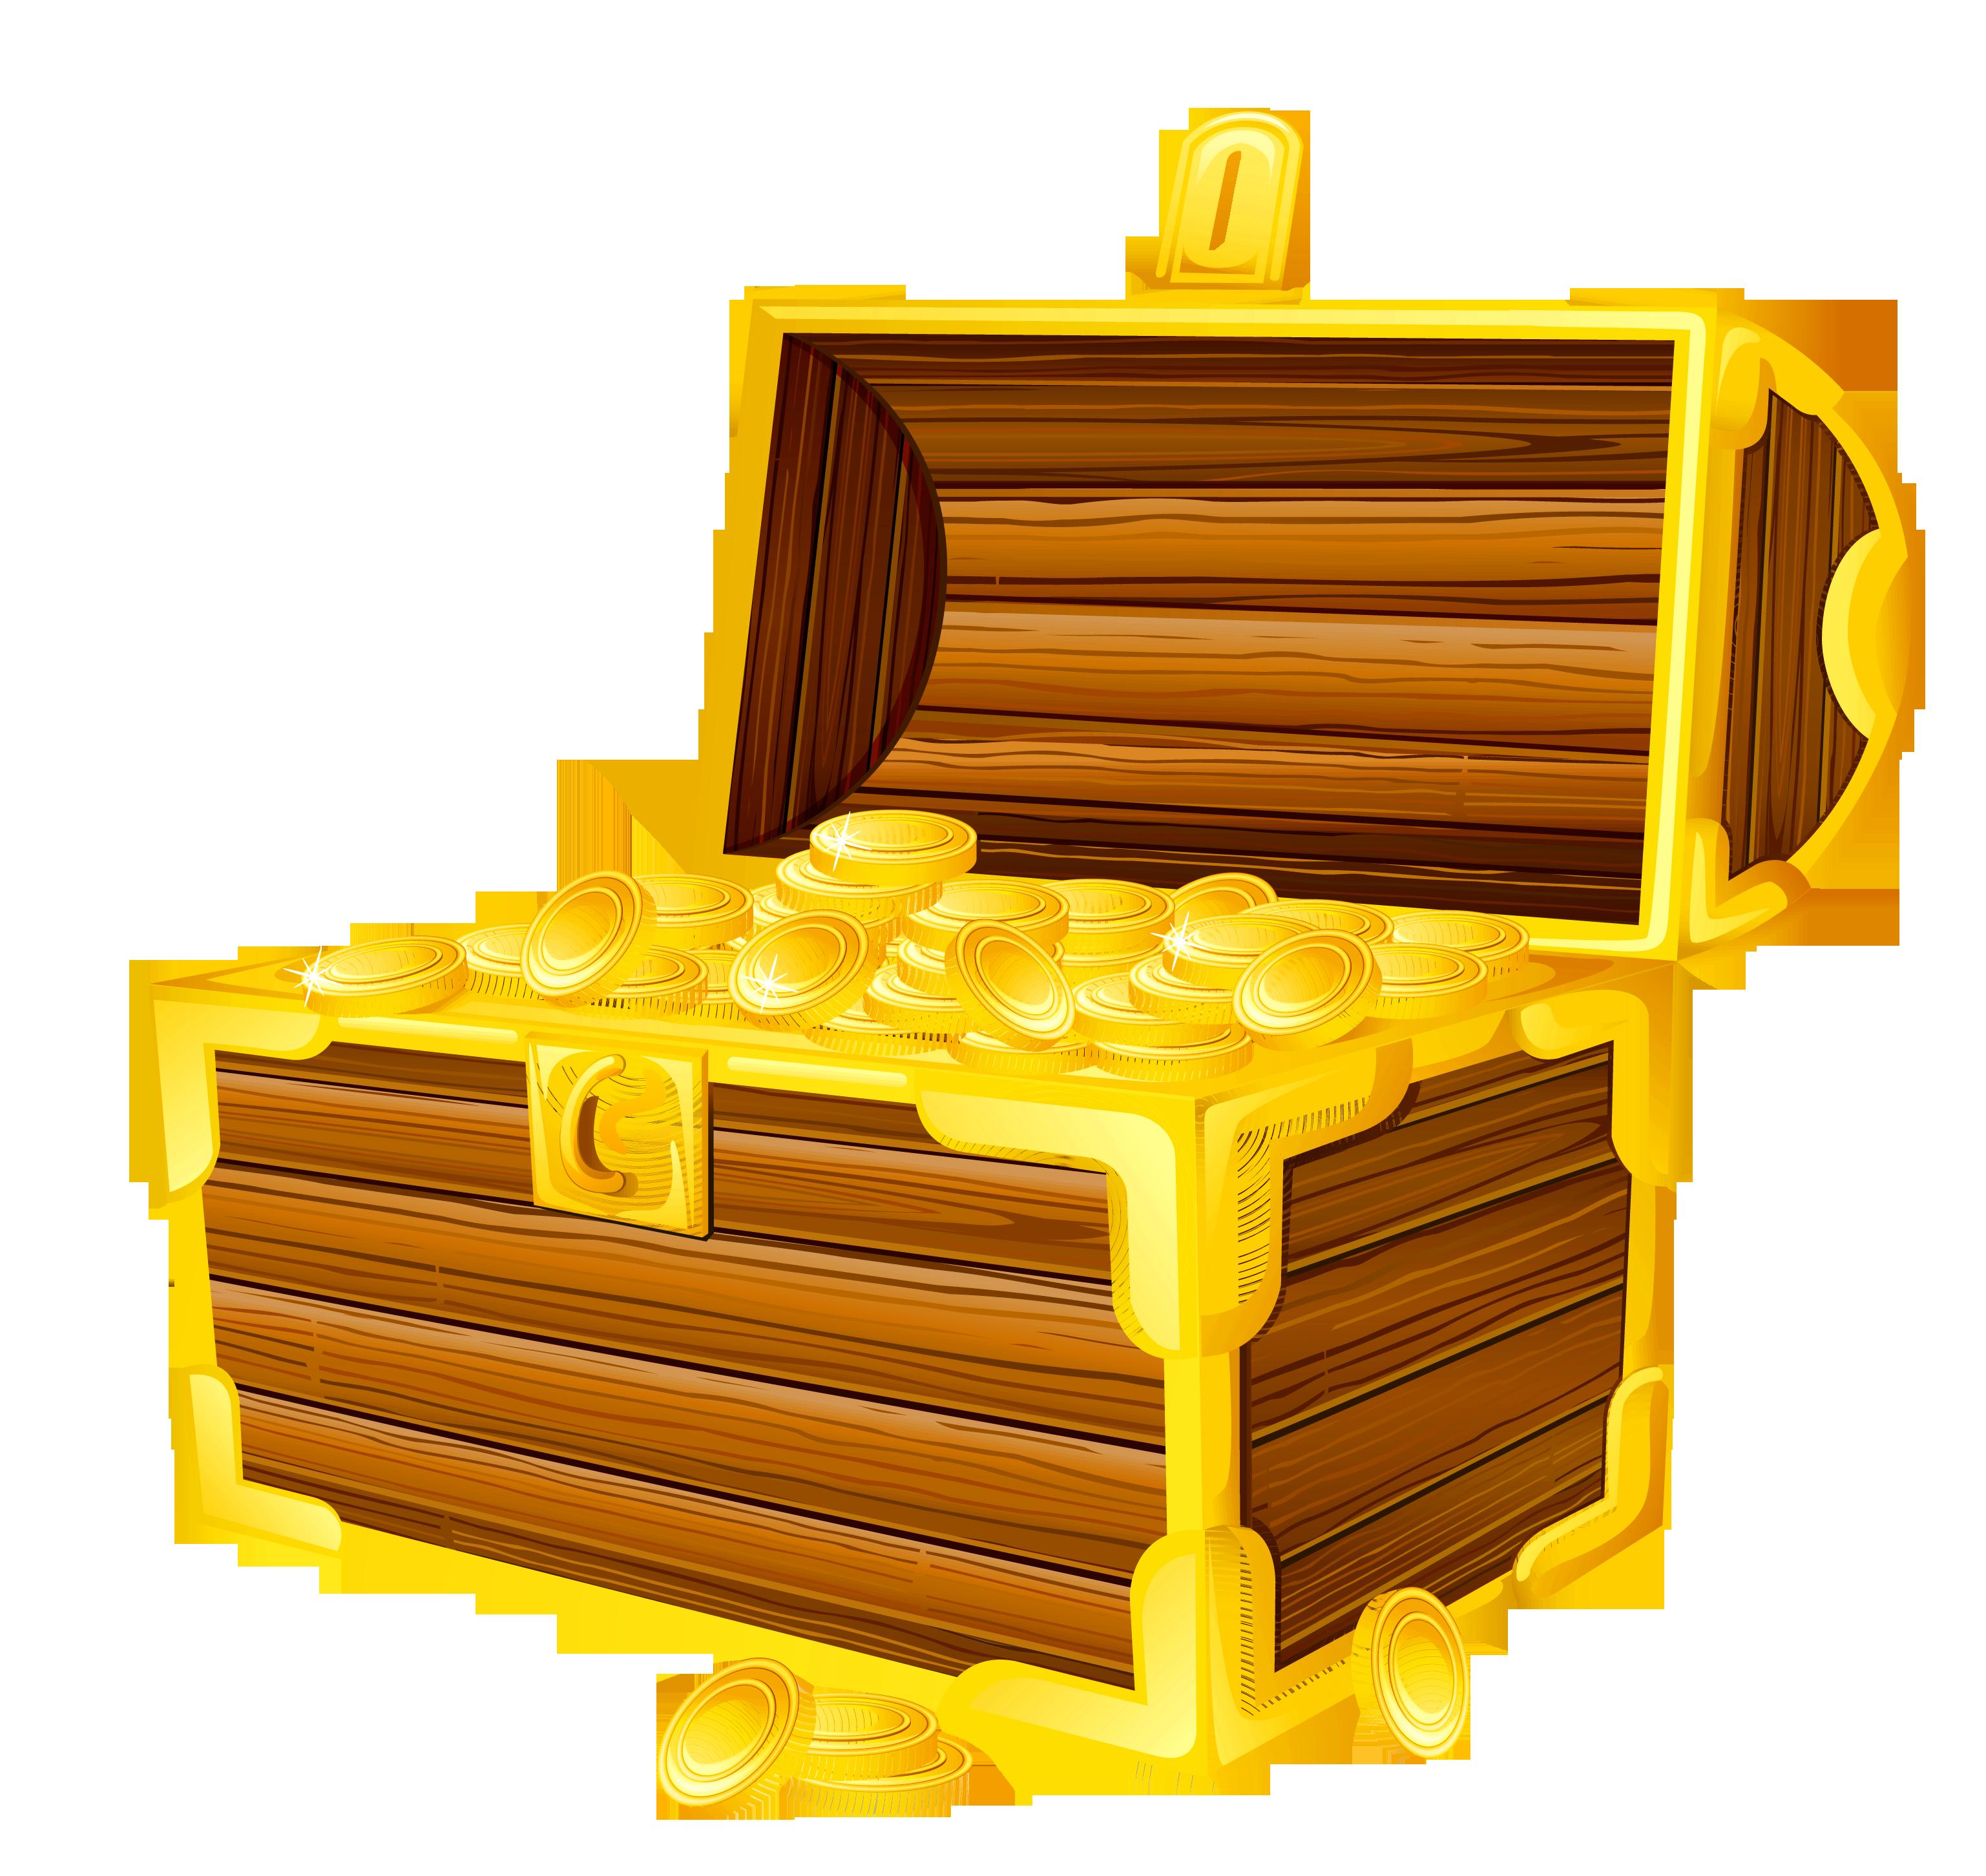 Pirates Treasure Chest Classroom Clipart-Pirates Treasure Chest Classroom Clipart. Treasure chest picture cliparts-12